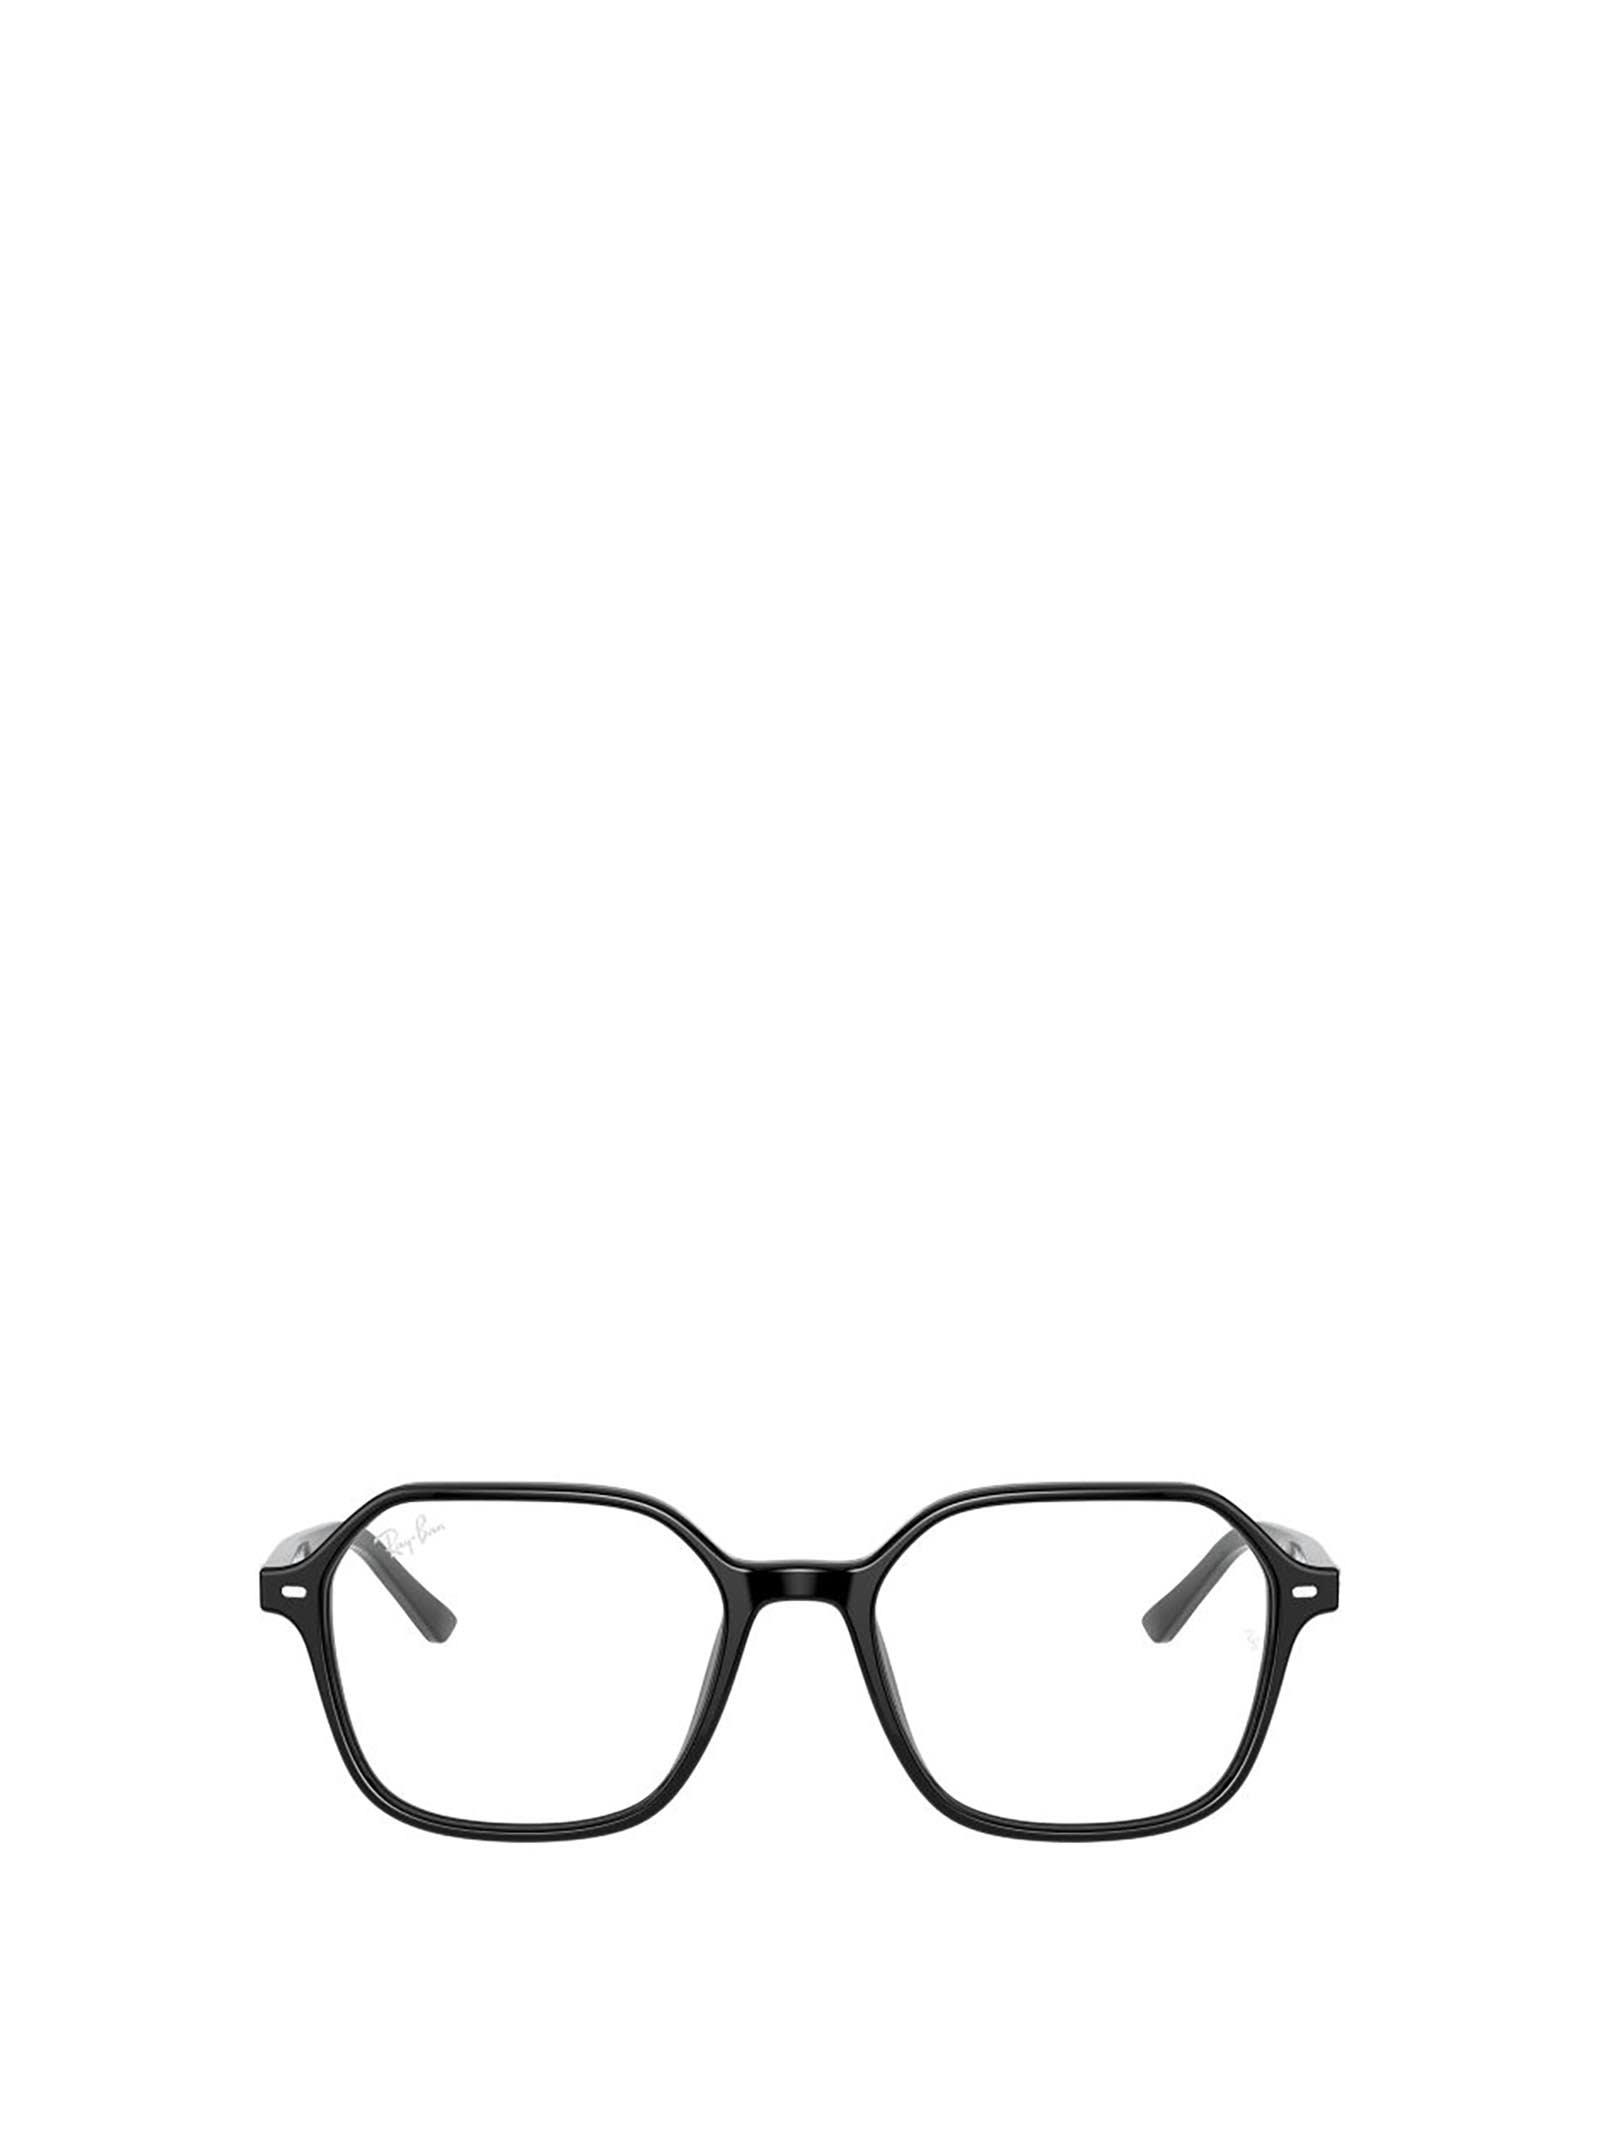 Ray-Ban Ray-ban Rx5394 Black Glasses